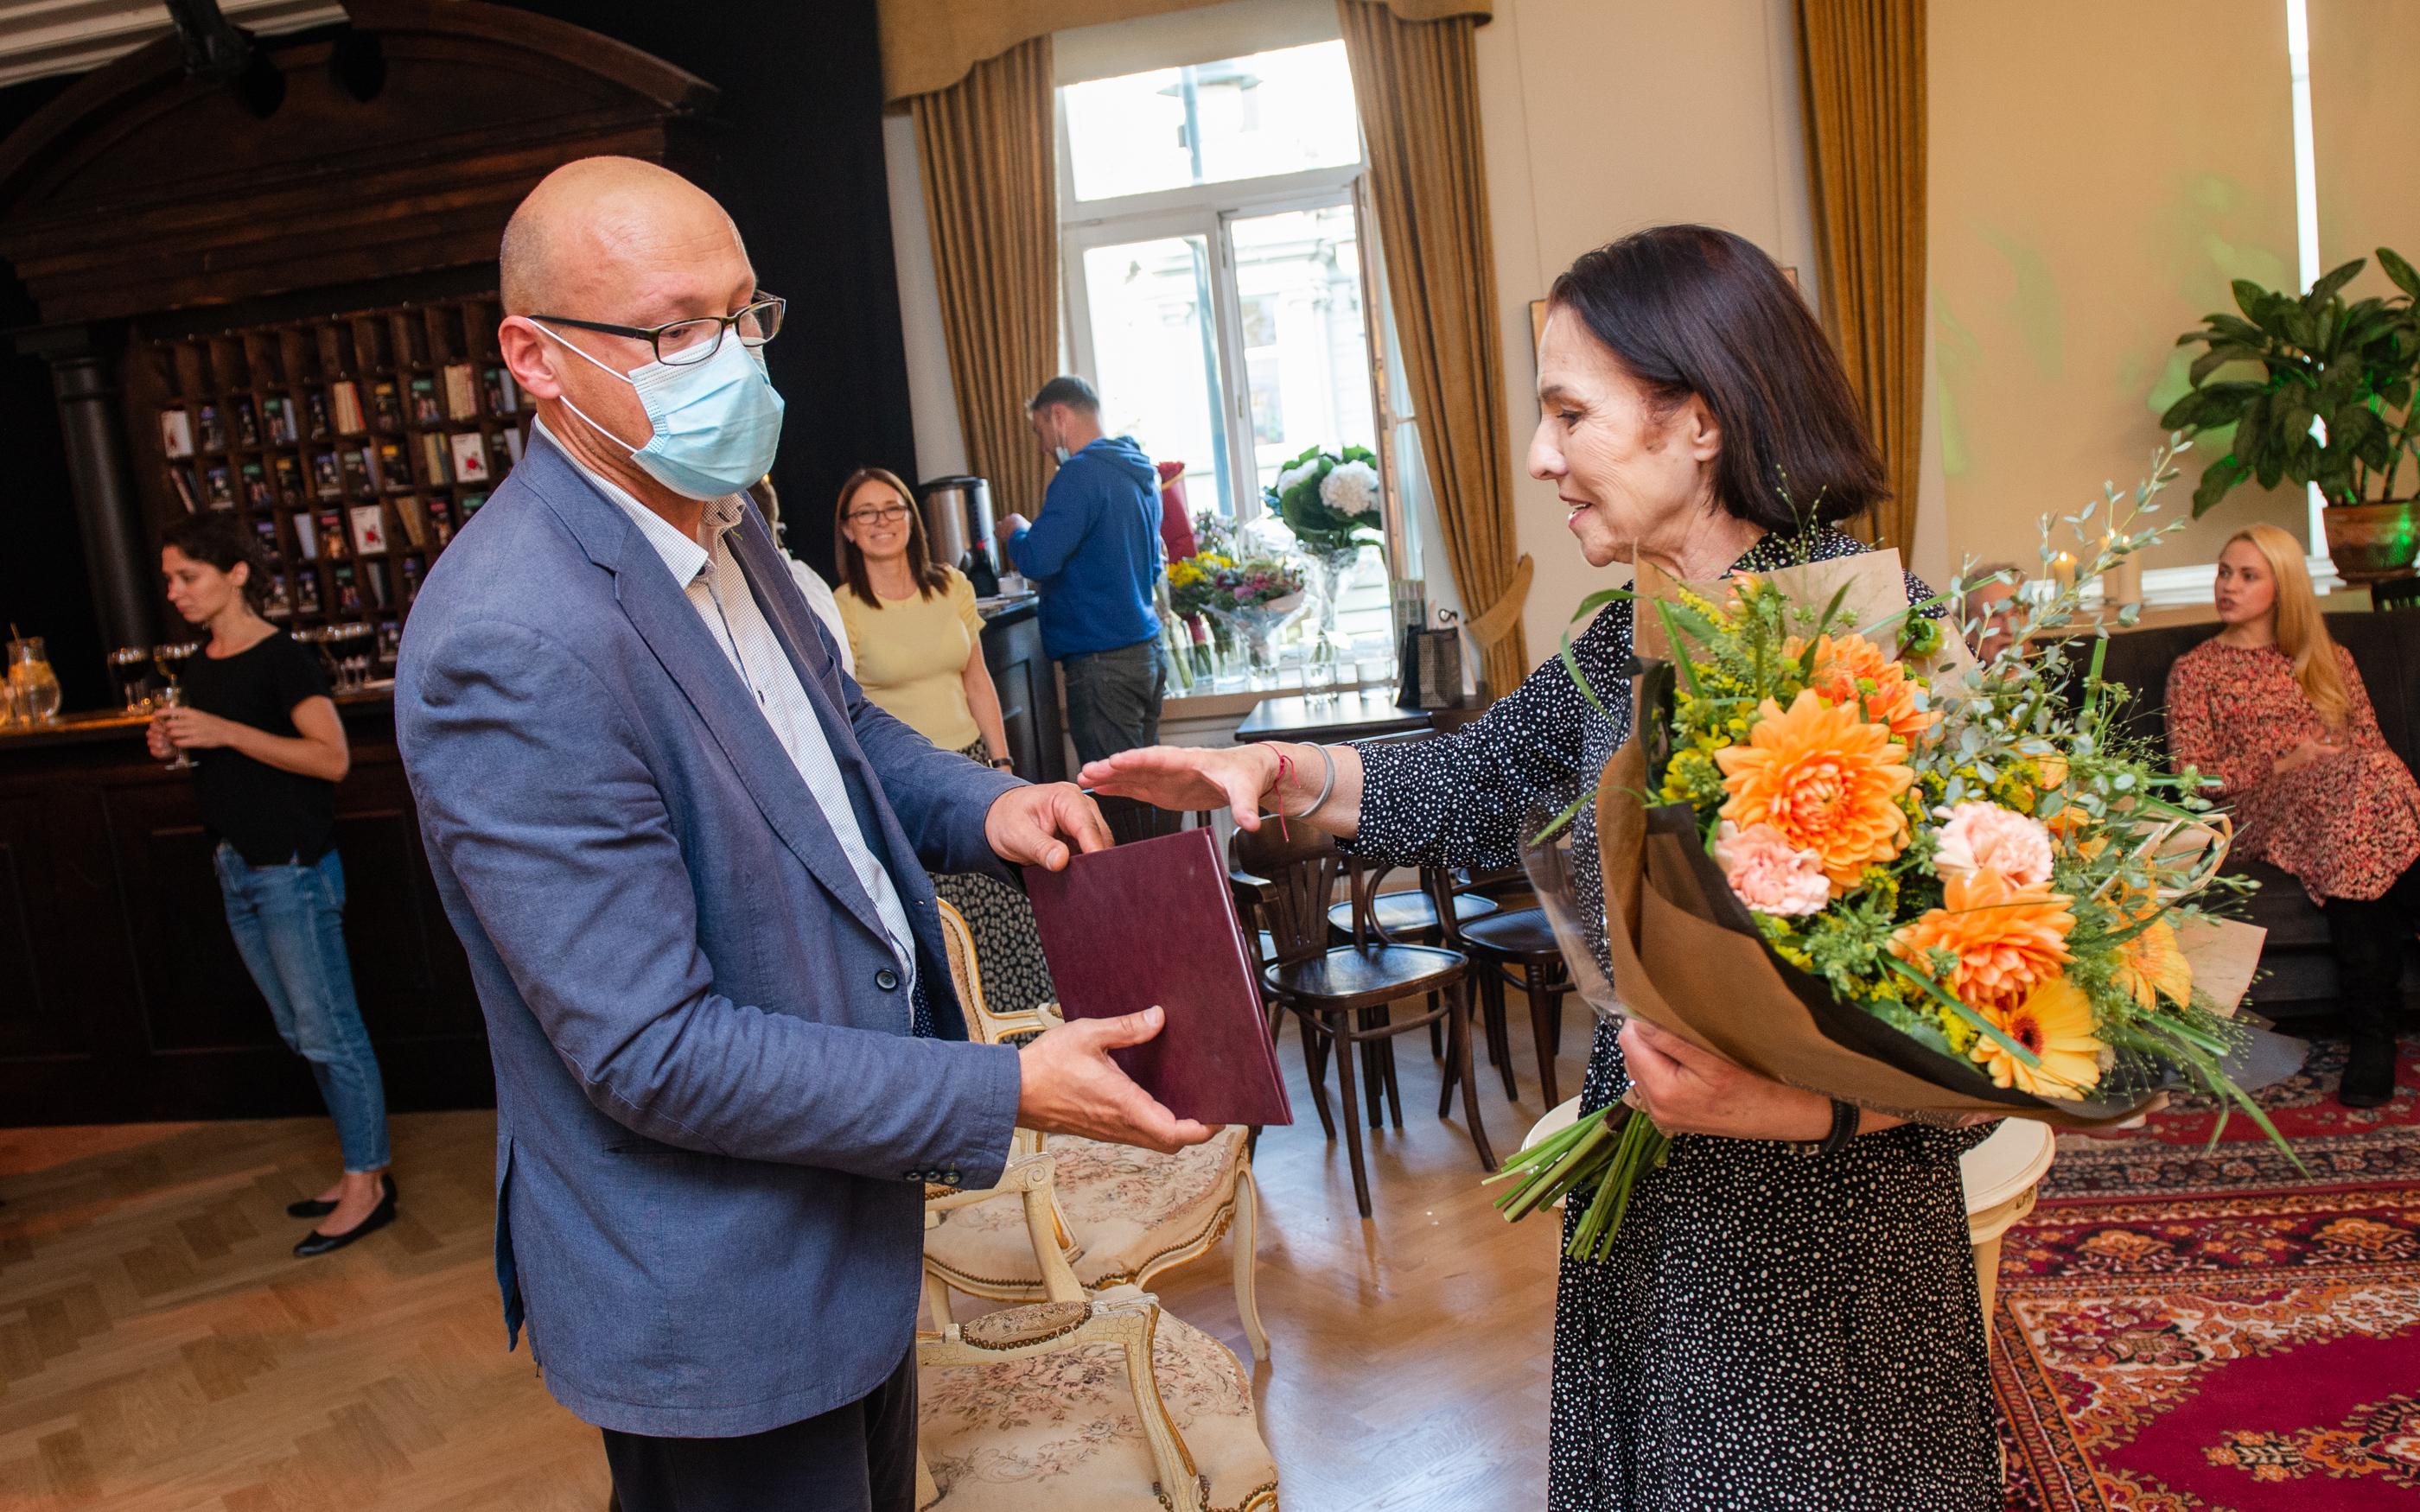 Vilniaus mažajame teatre jaukiai ir šiltai pasveikinta sukaktuves šventusi Eglė Gabrėnaitė | Dainius Photo nuotr.